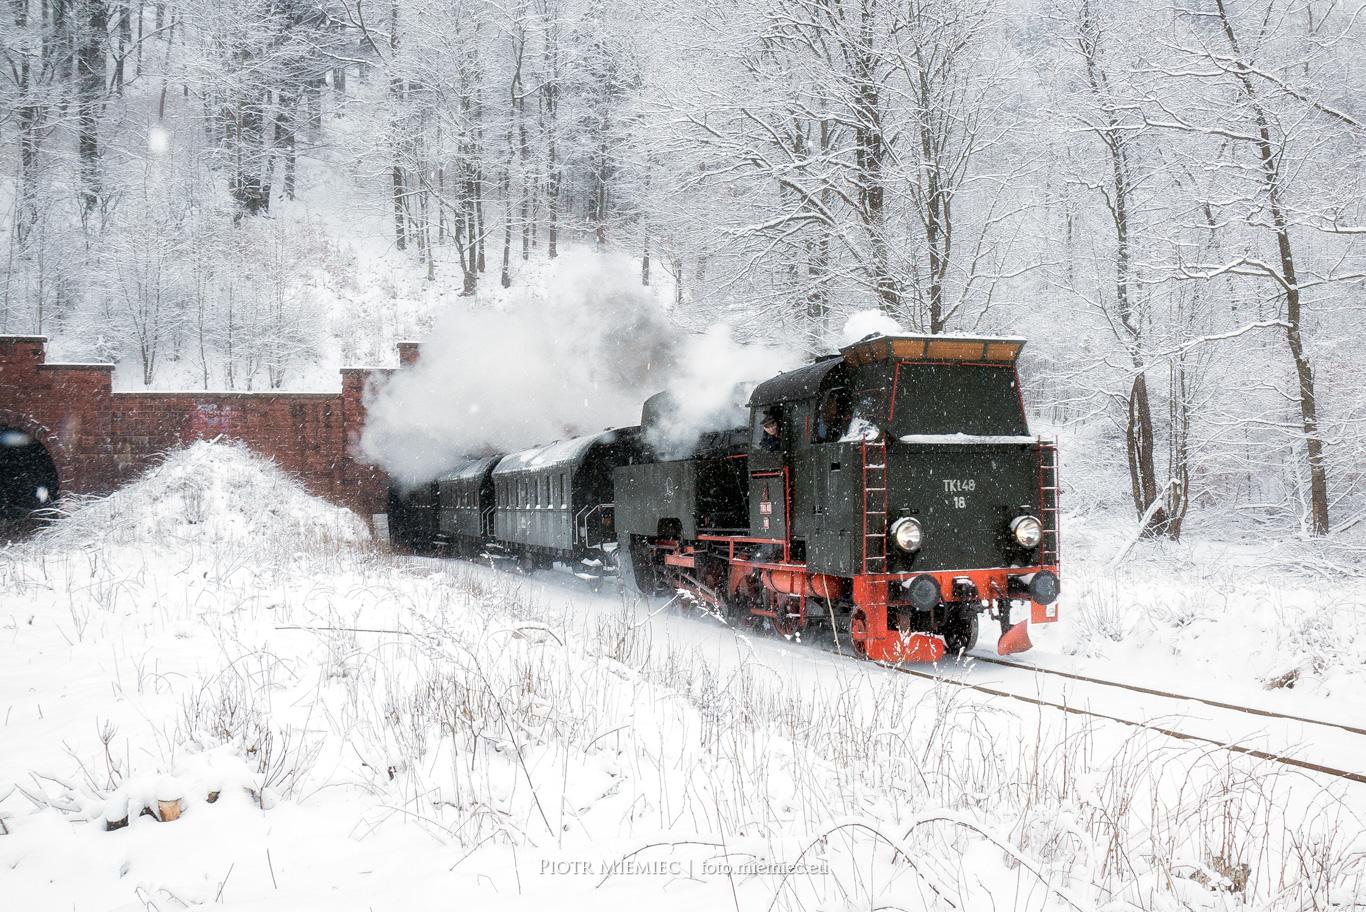 Zabytkowy pociąg Parowóz TKt48-18 tunel kolejowy